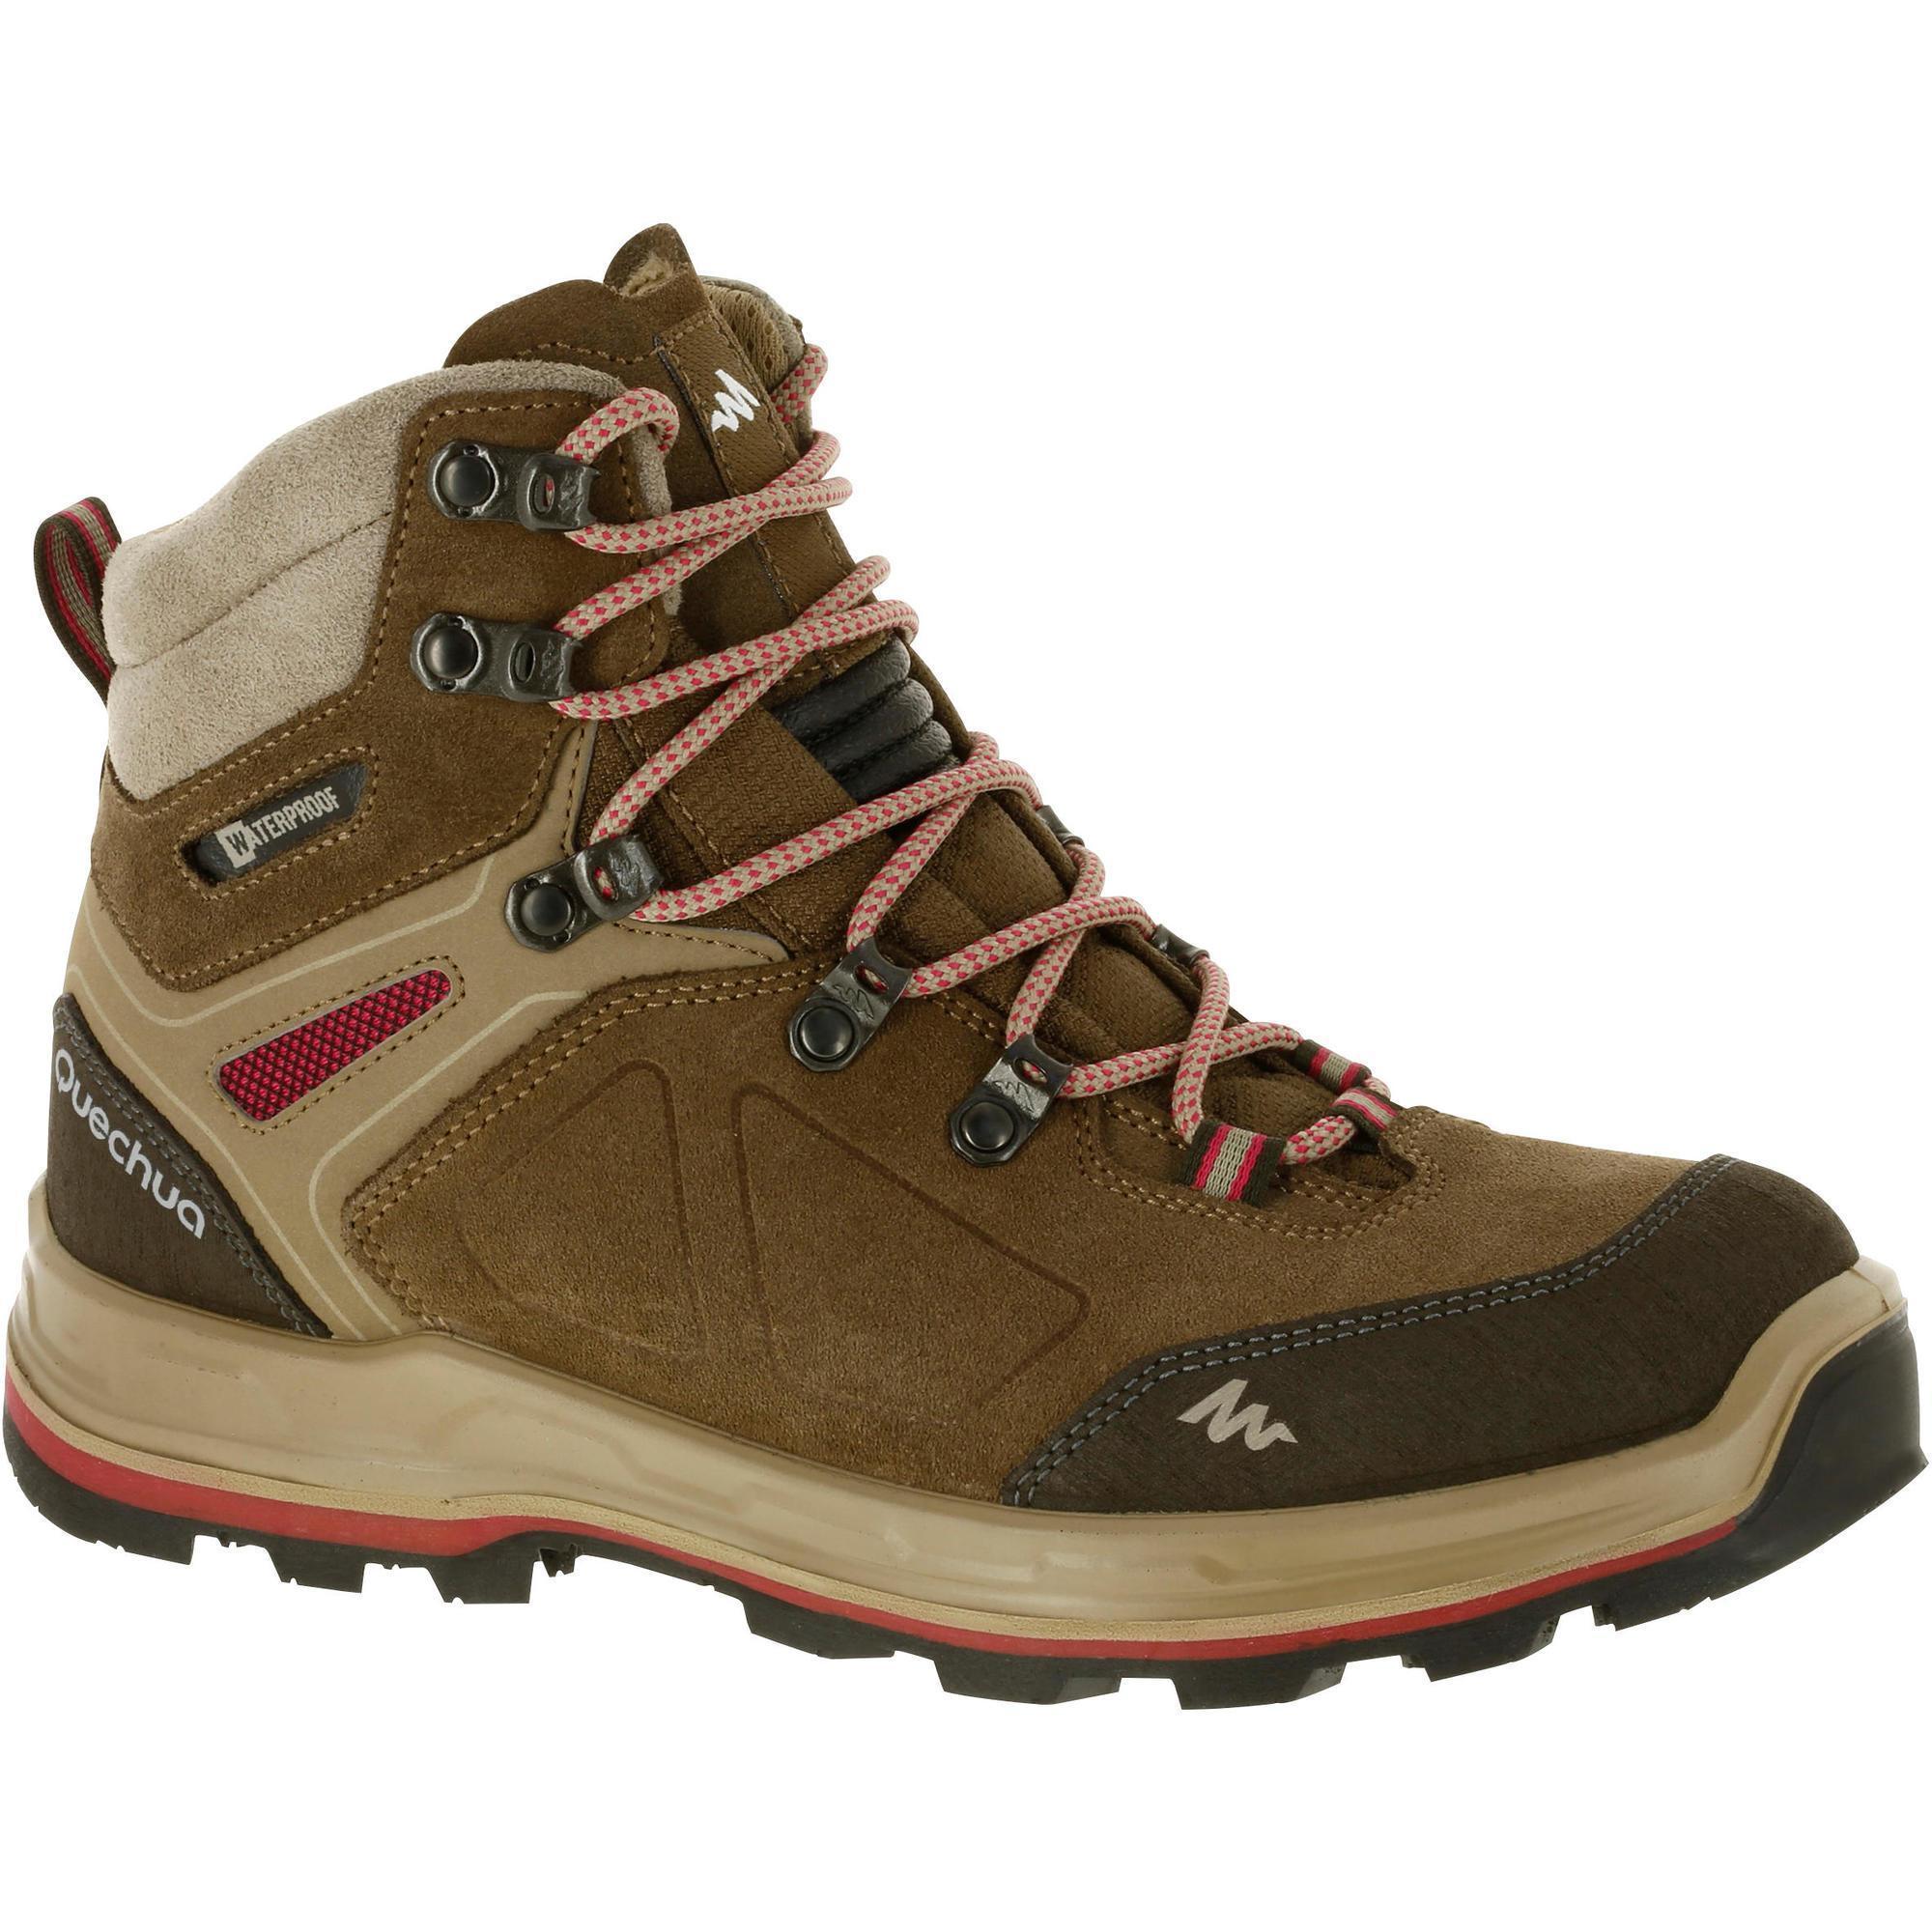 Chaussures de trekking montagne TREK100 femme - Quechua